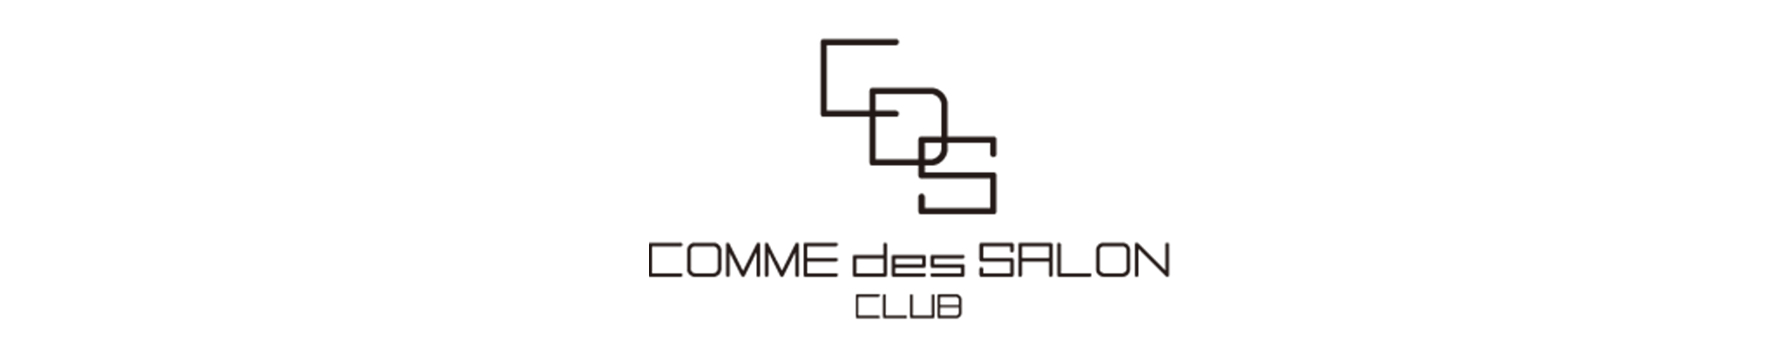 コム・デ・サロン(川崎)のロゴ